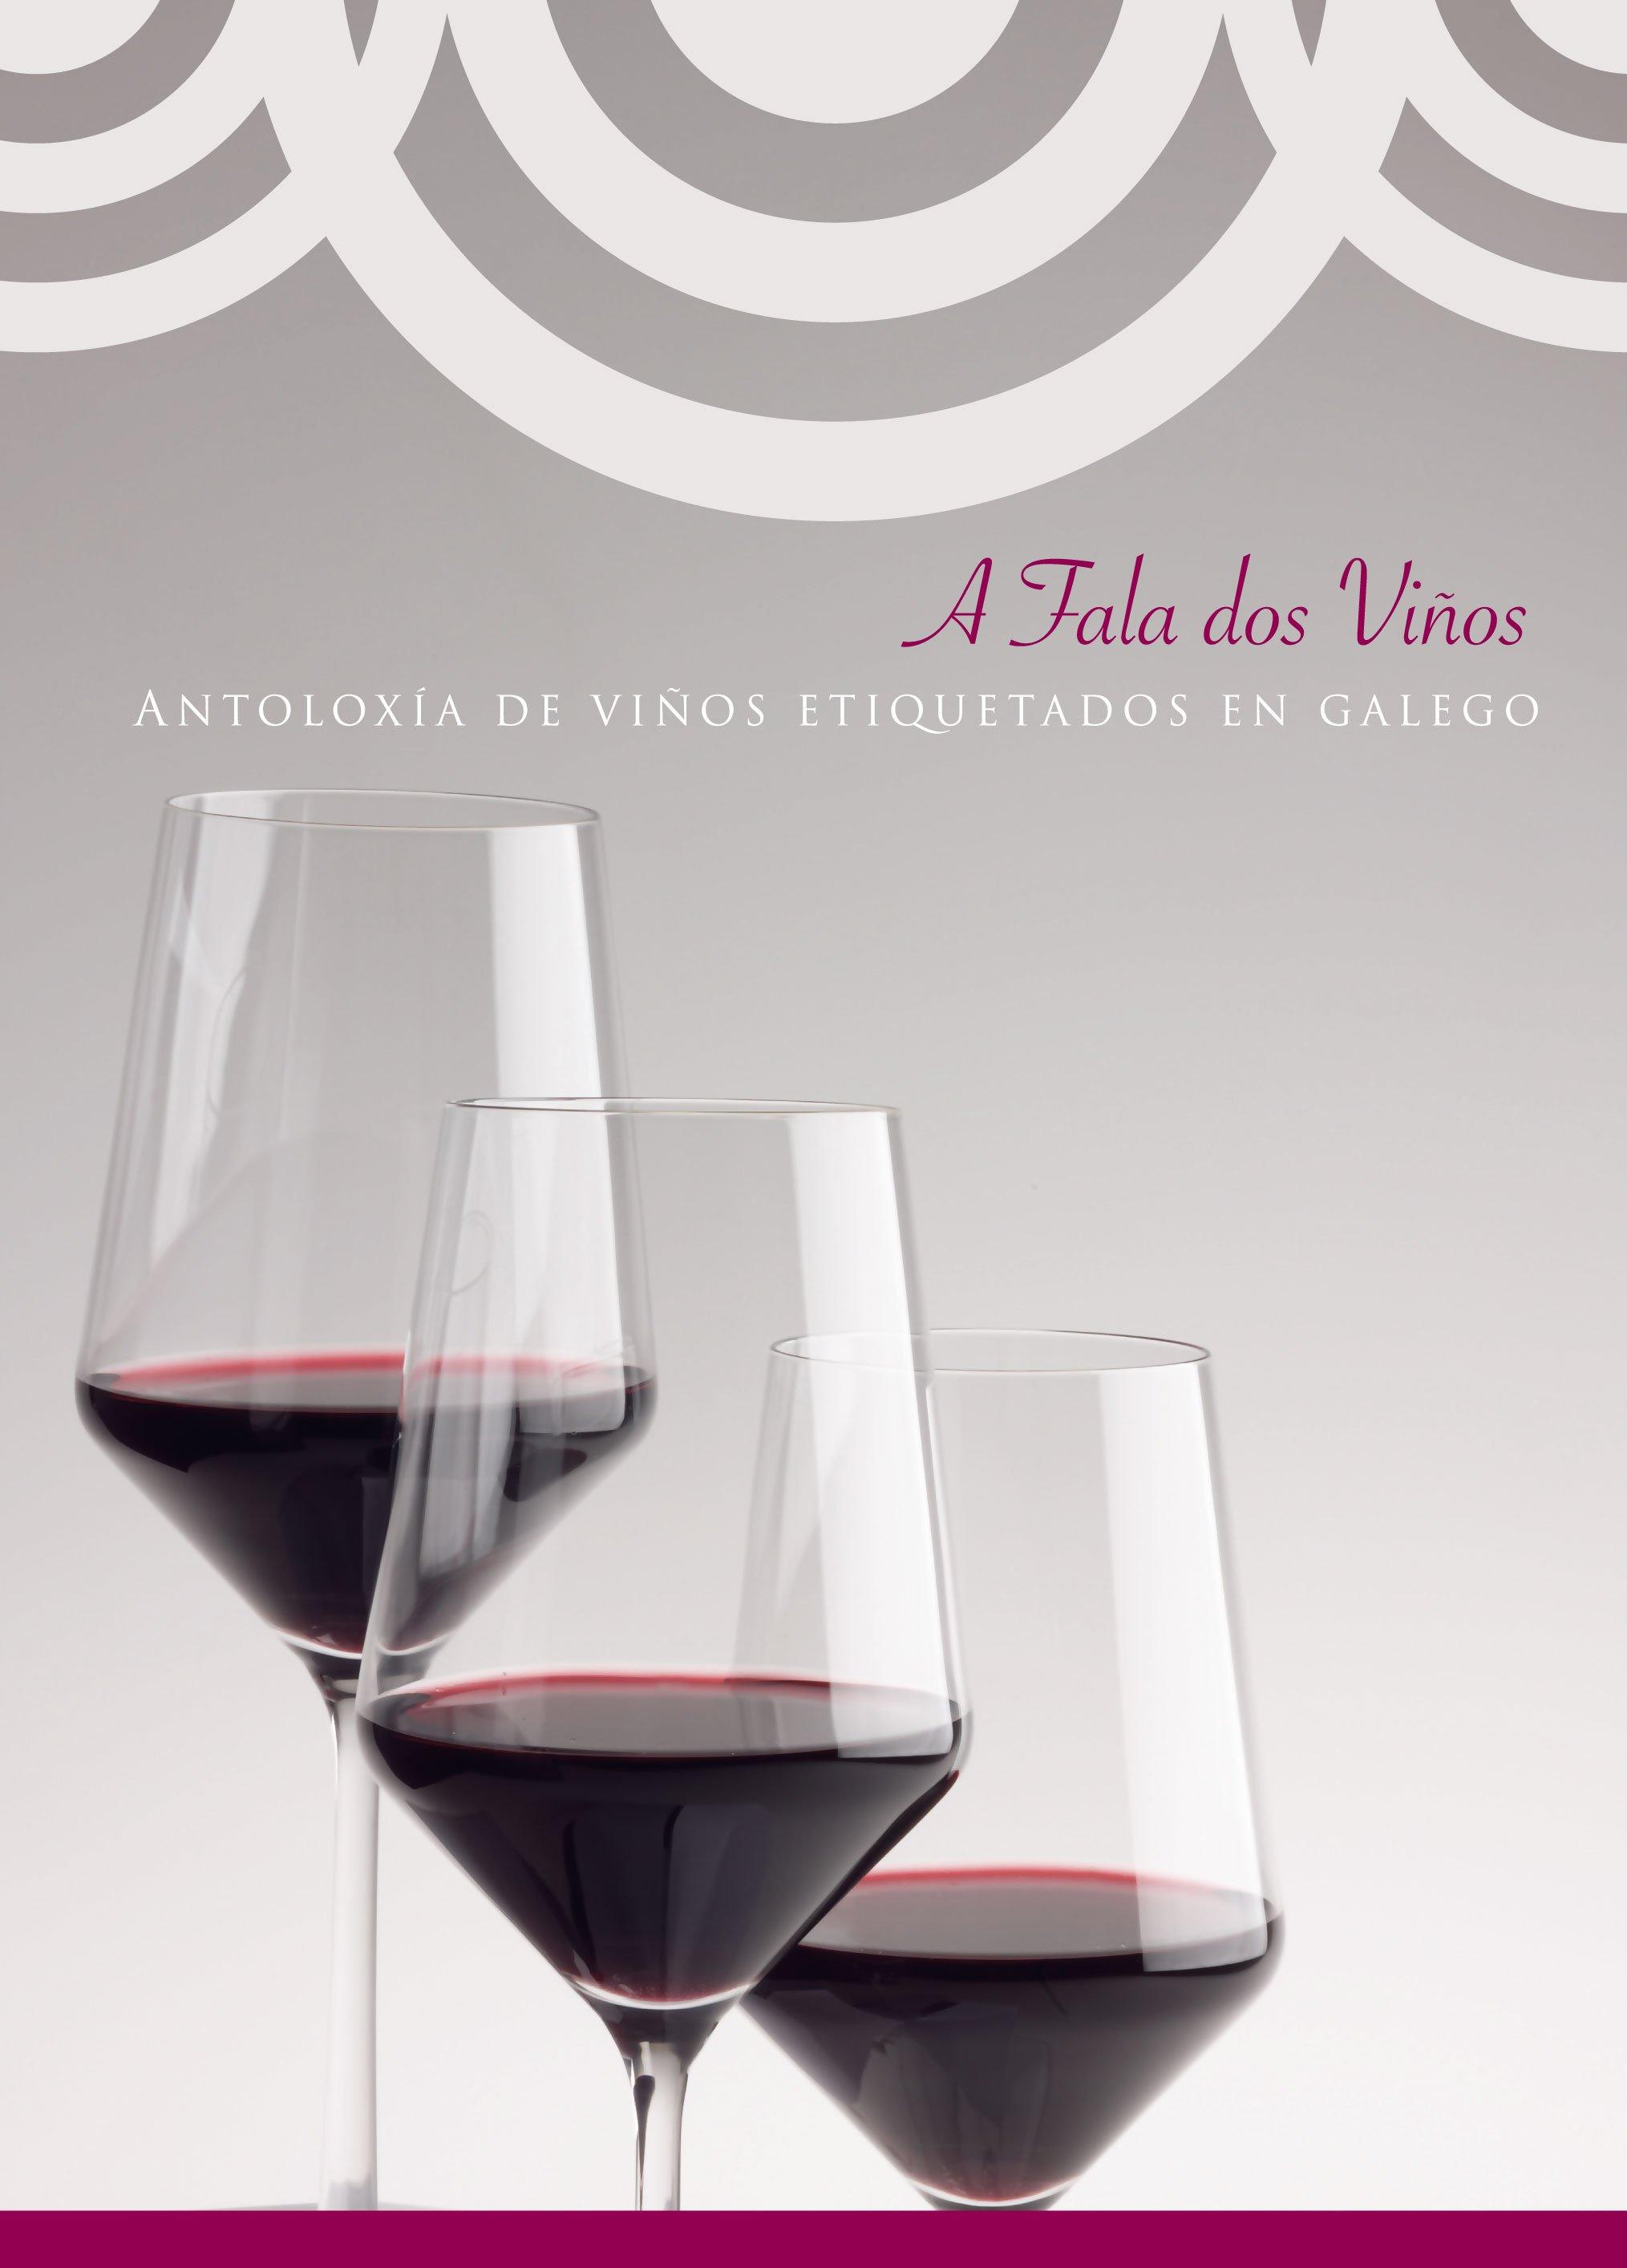 A Fala dos viños 2008